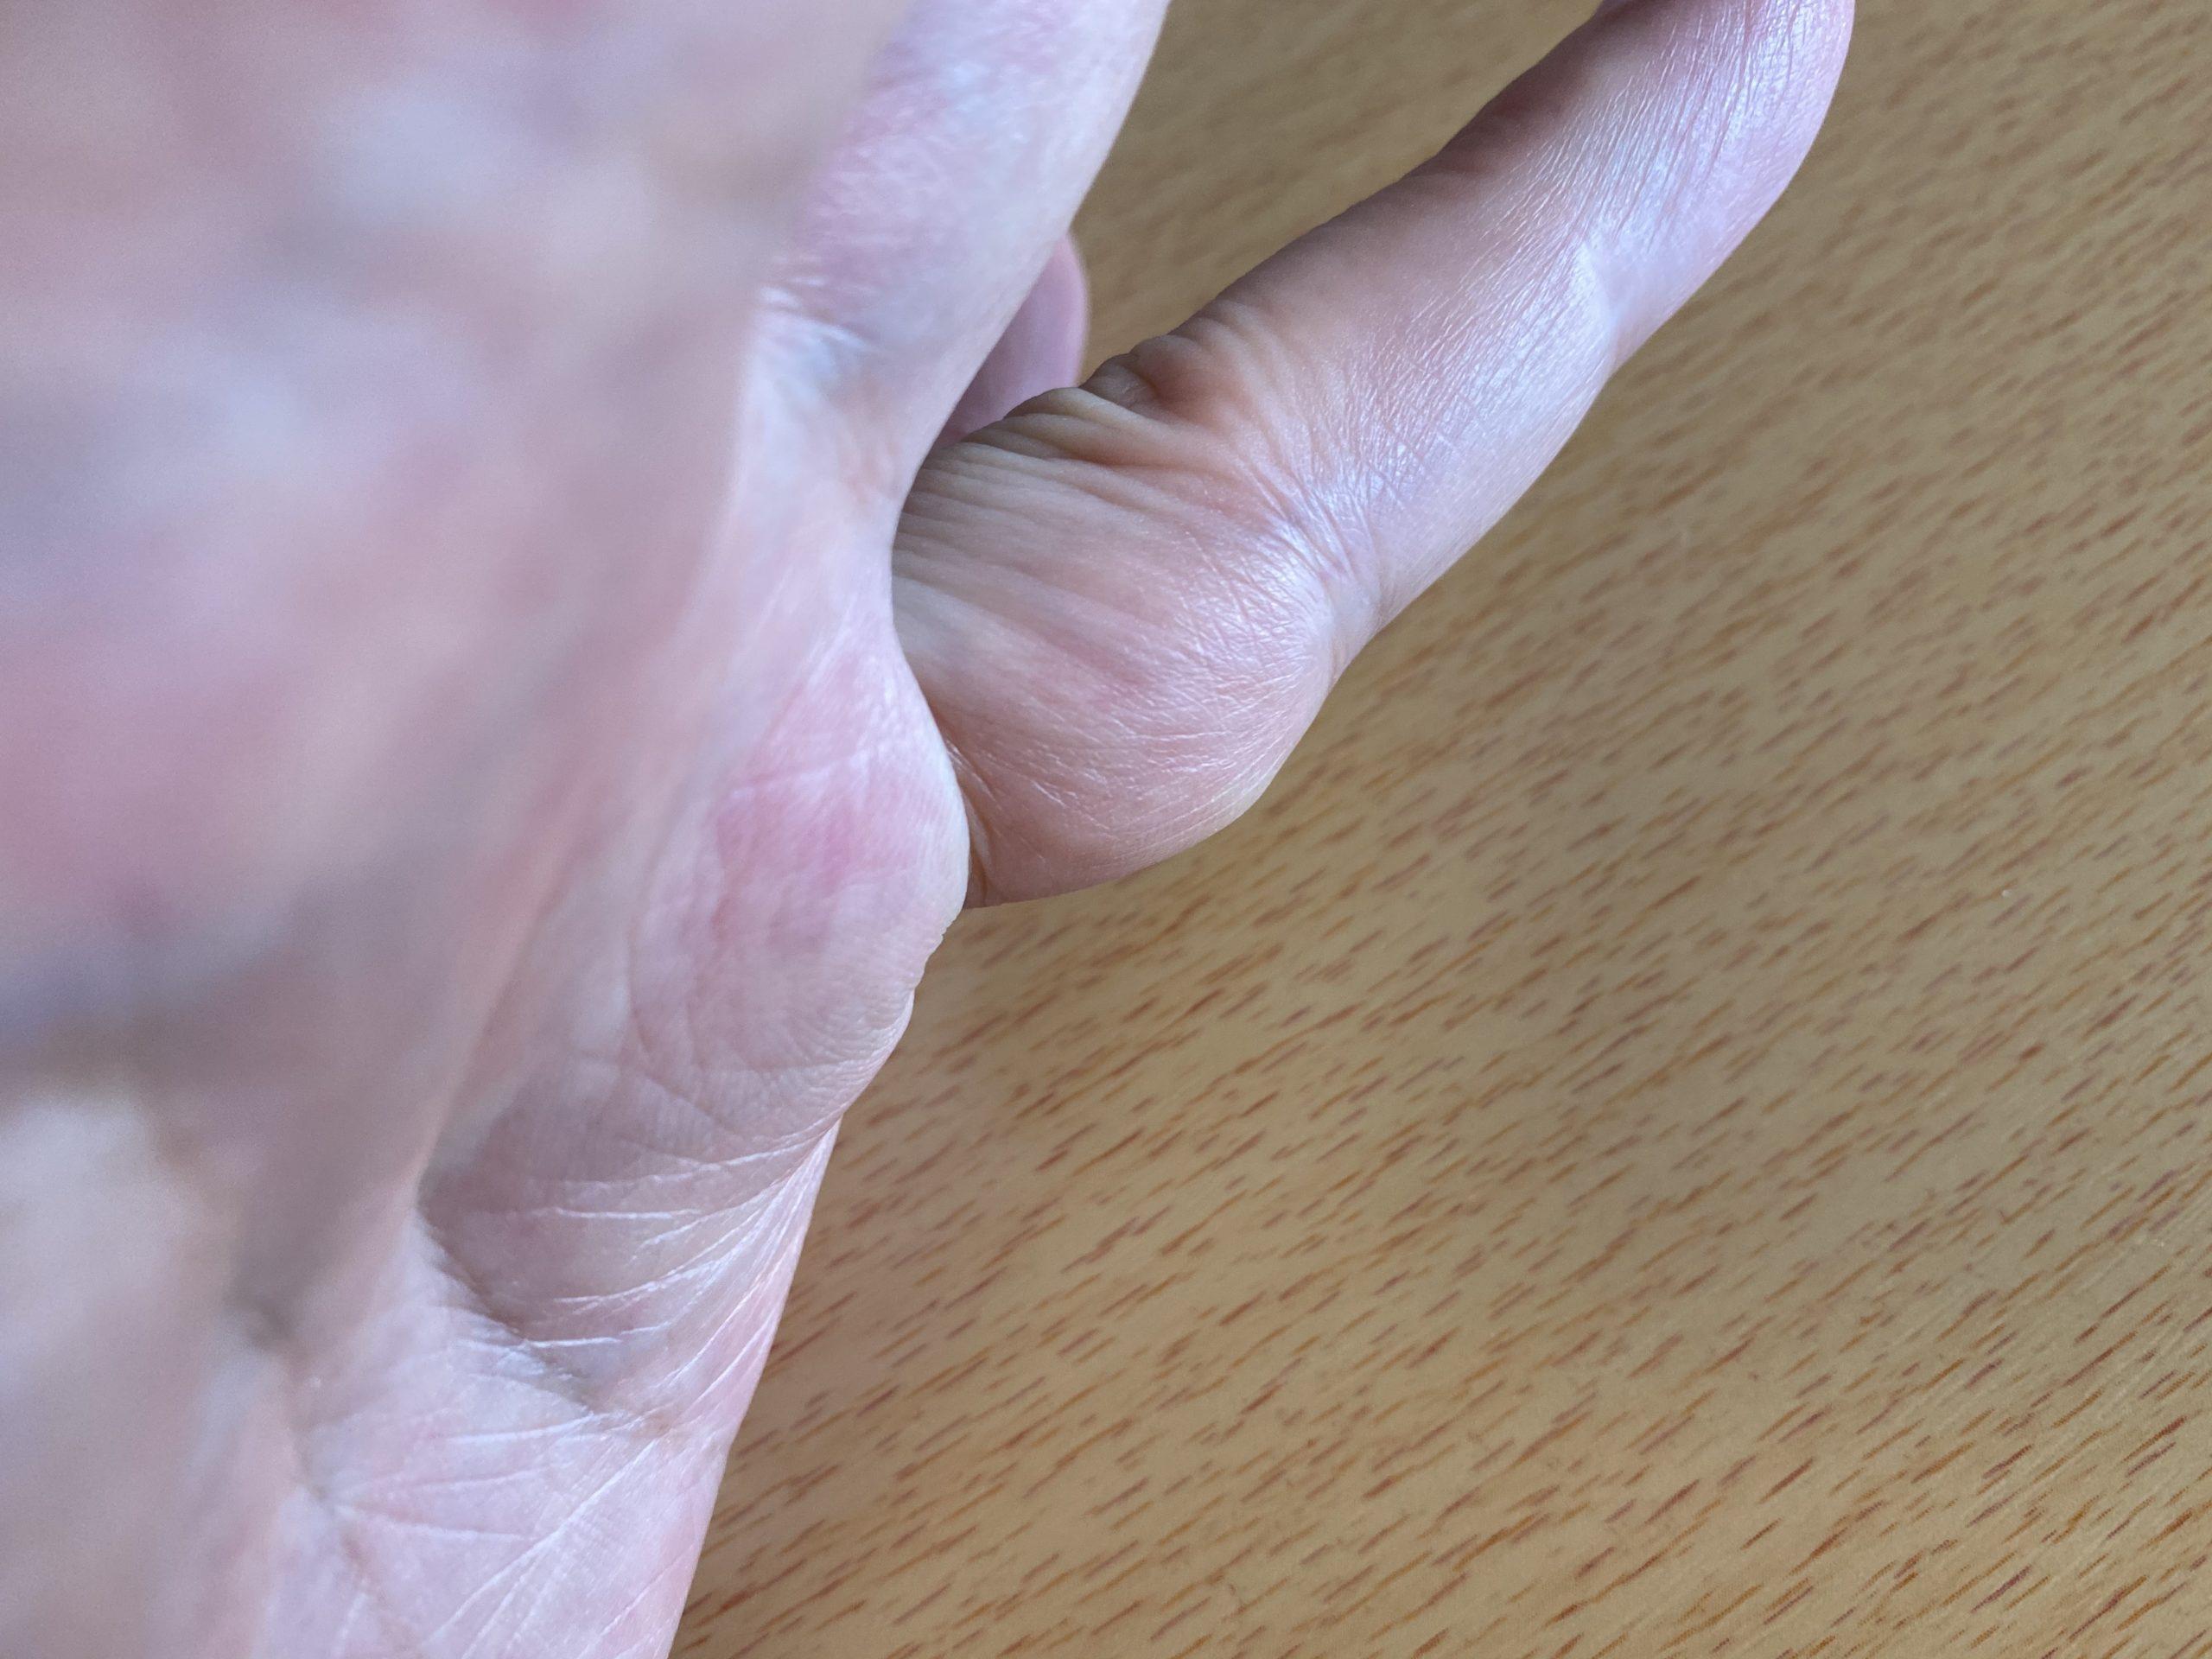 リウマチ指の変形の前兆